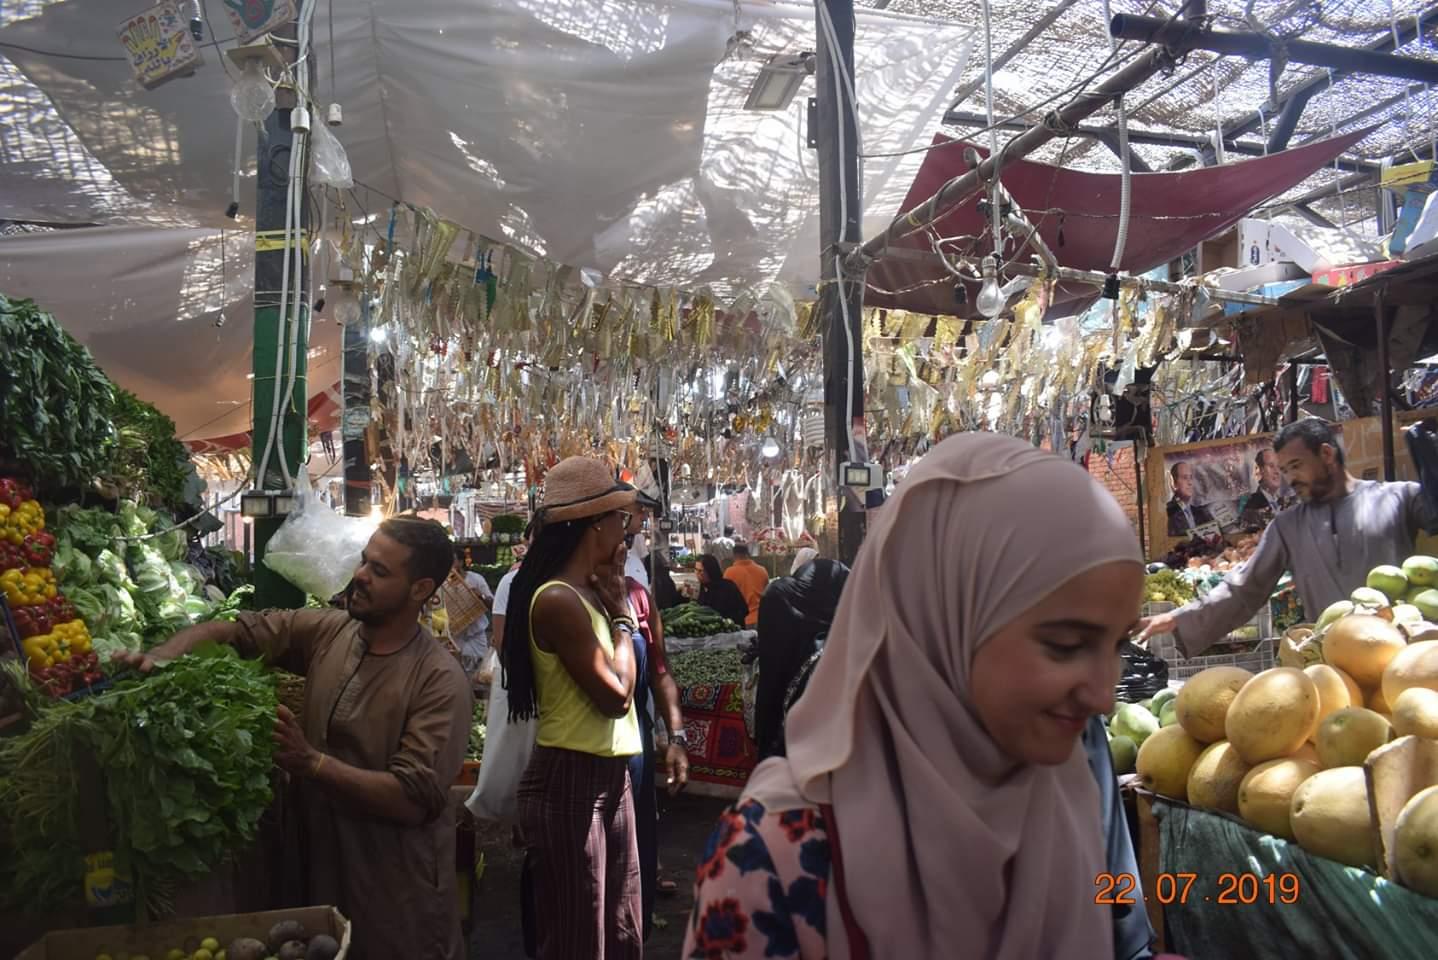 الوفود السياحية تزور سوق الخضار بالغردقة (4)